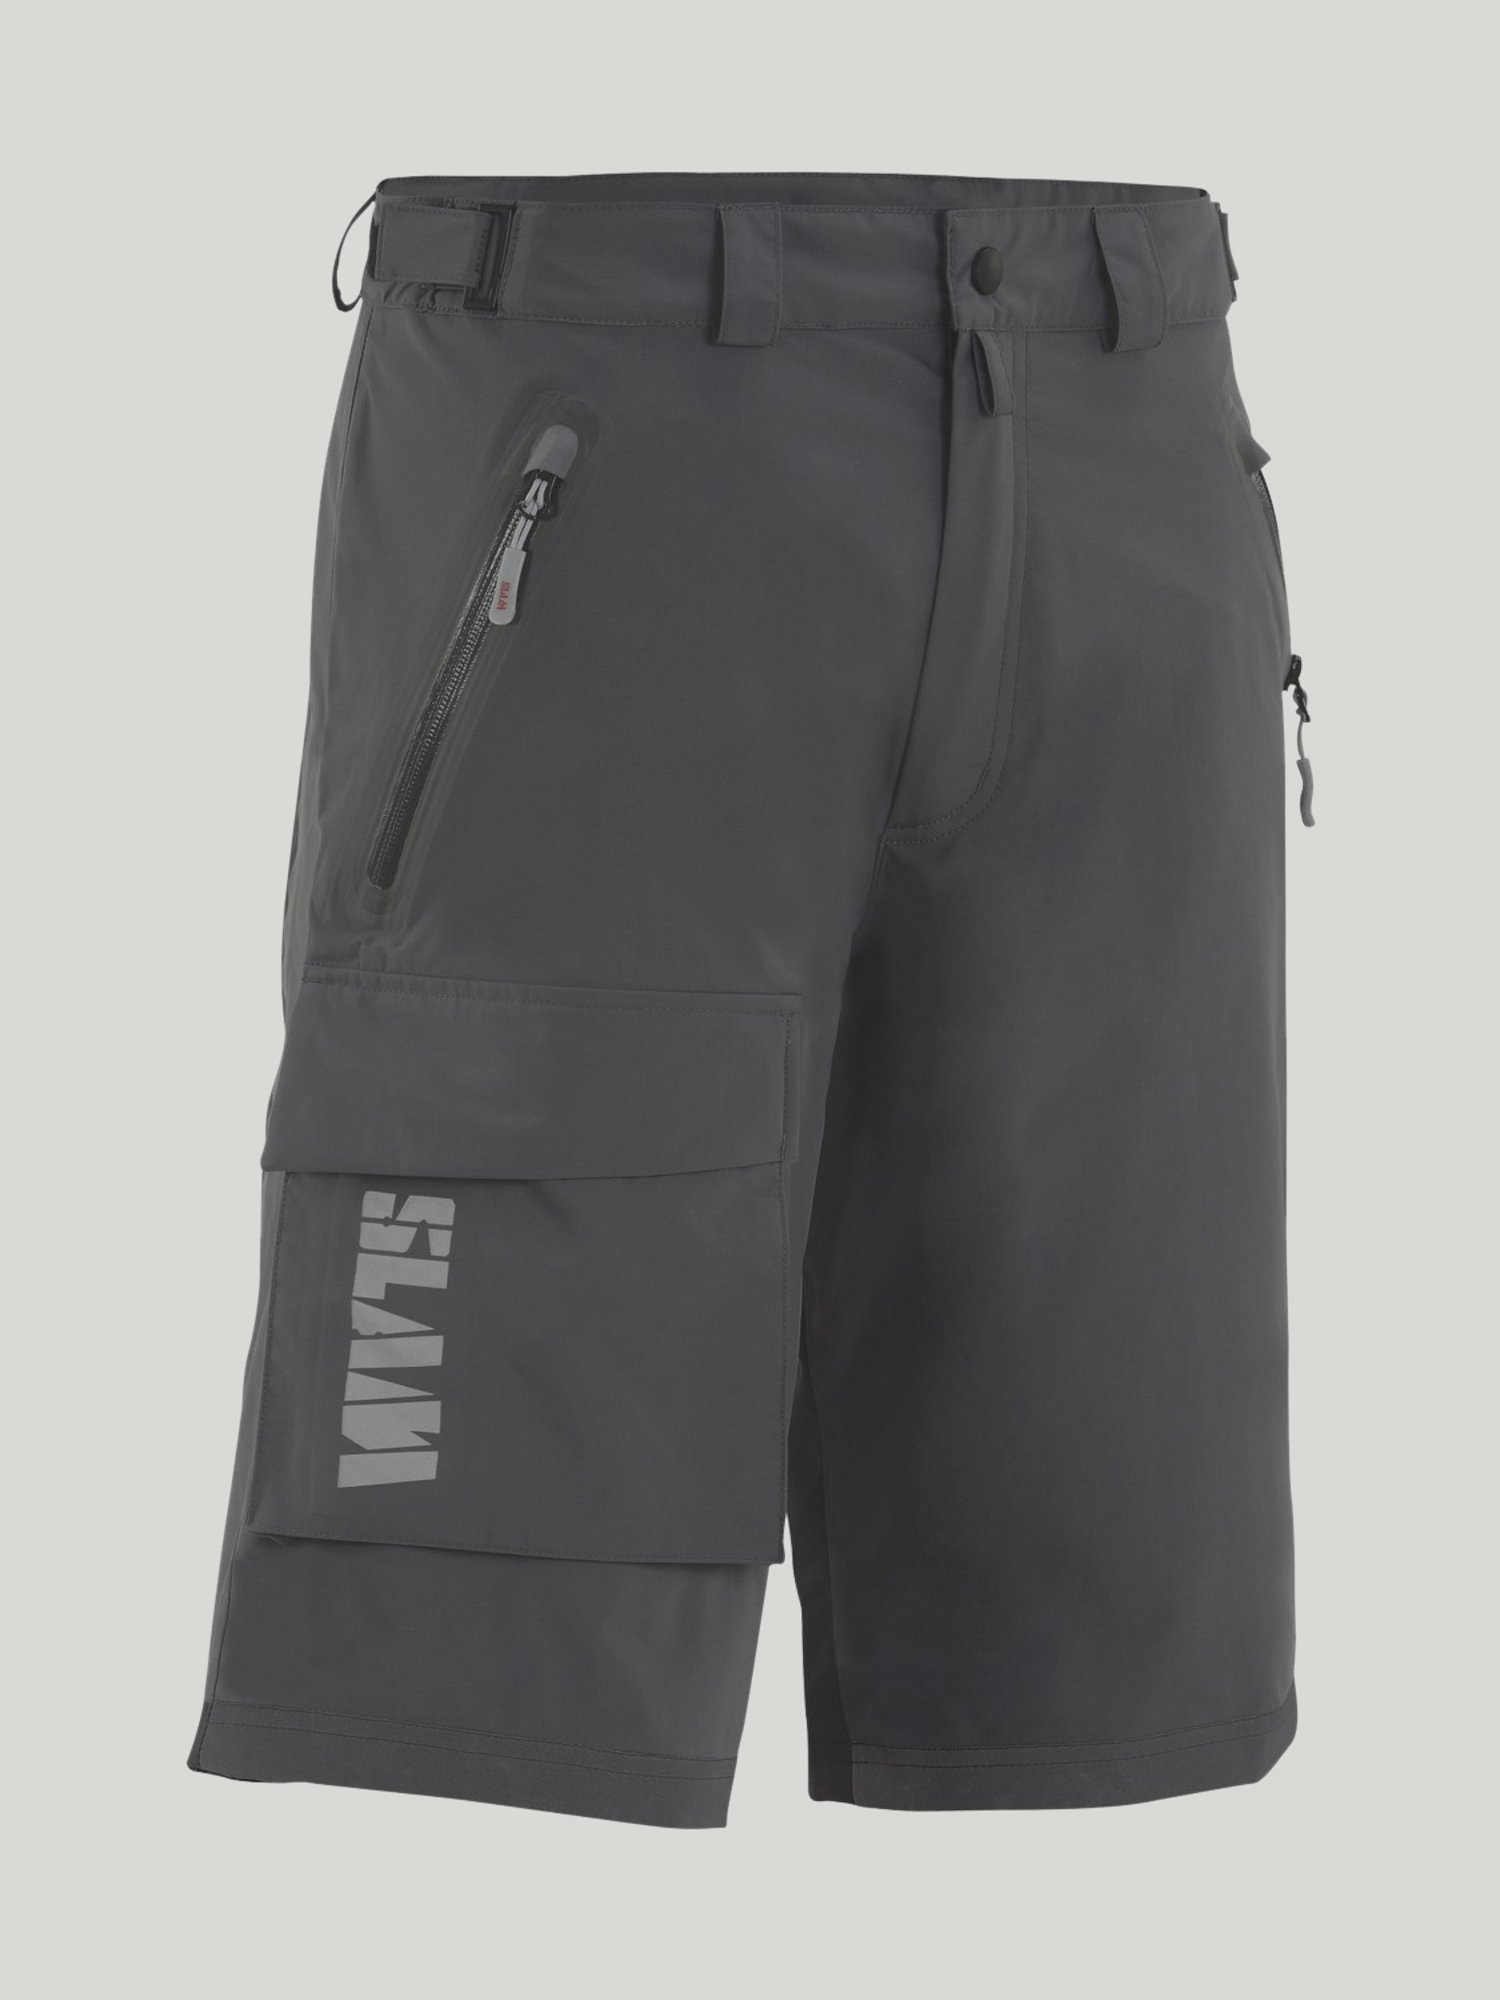 Pantaloncini Force 2 - Acciaio